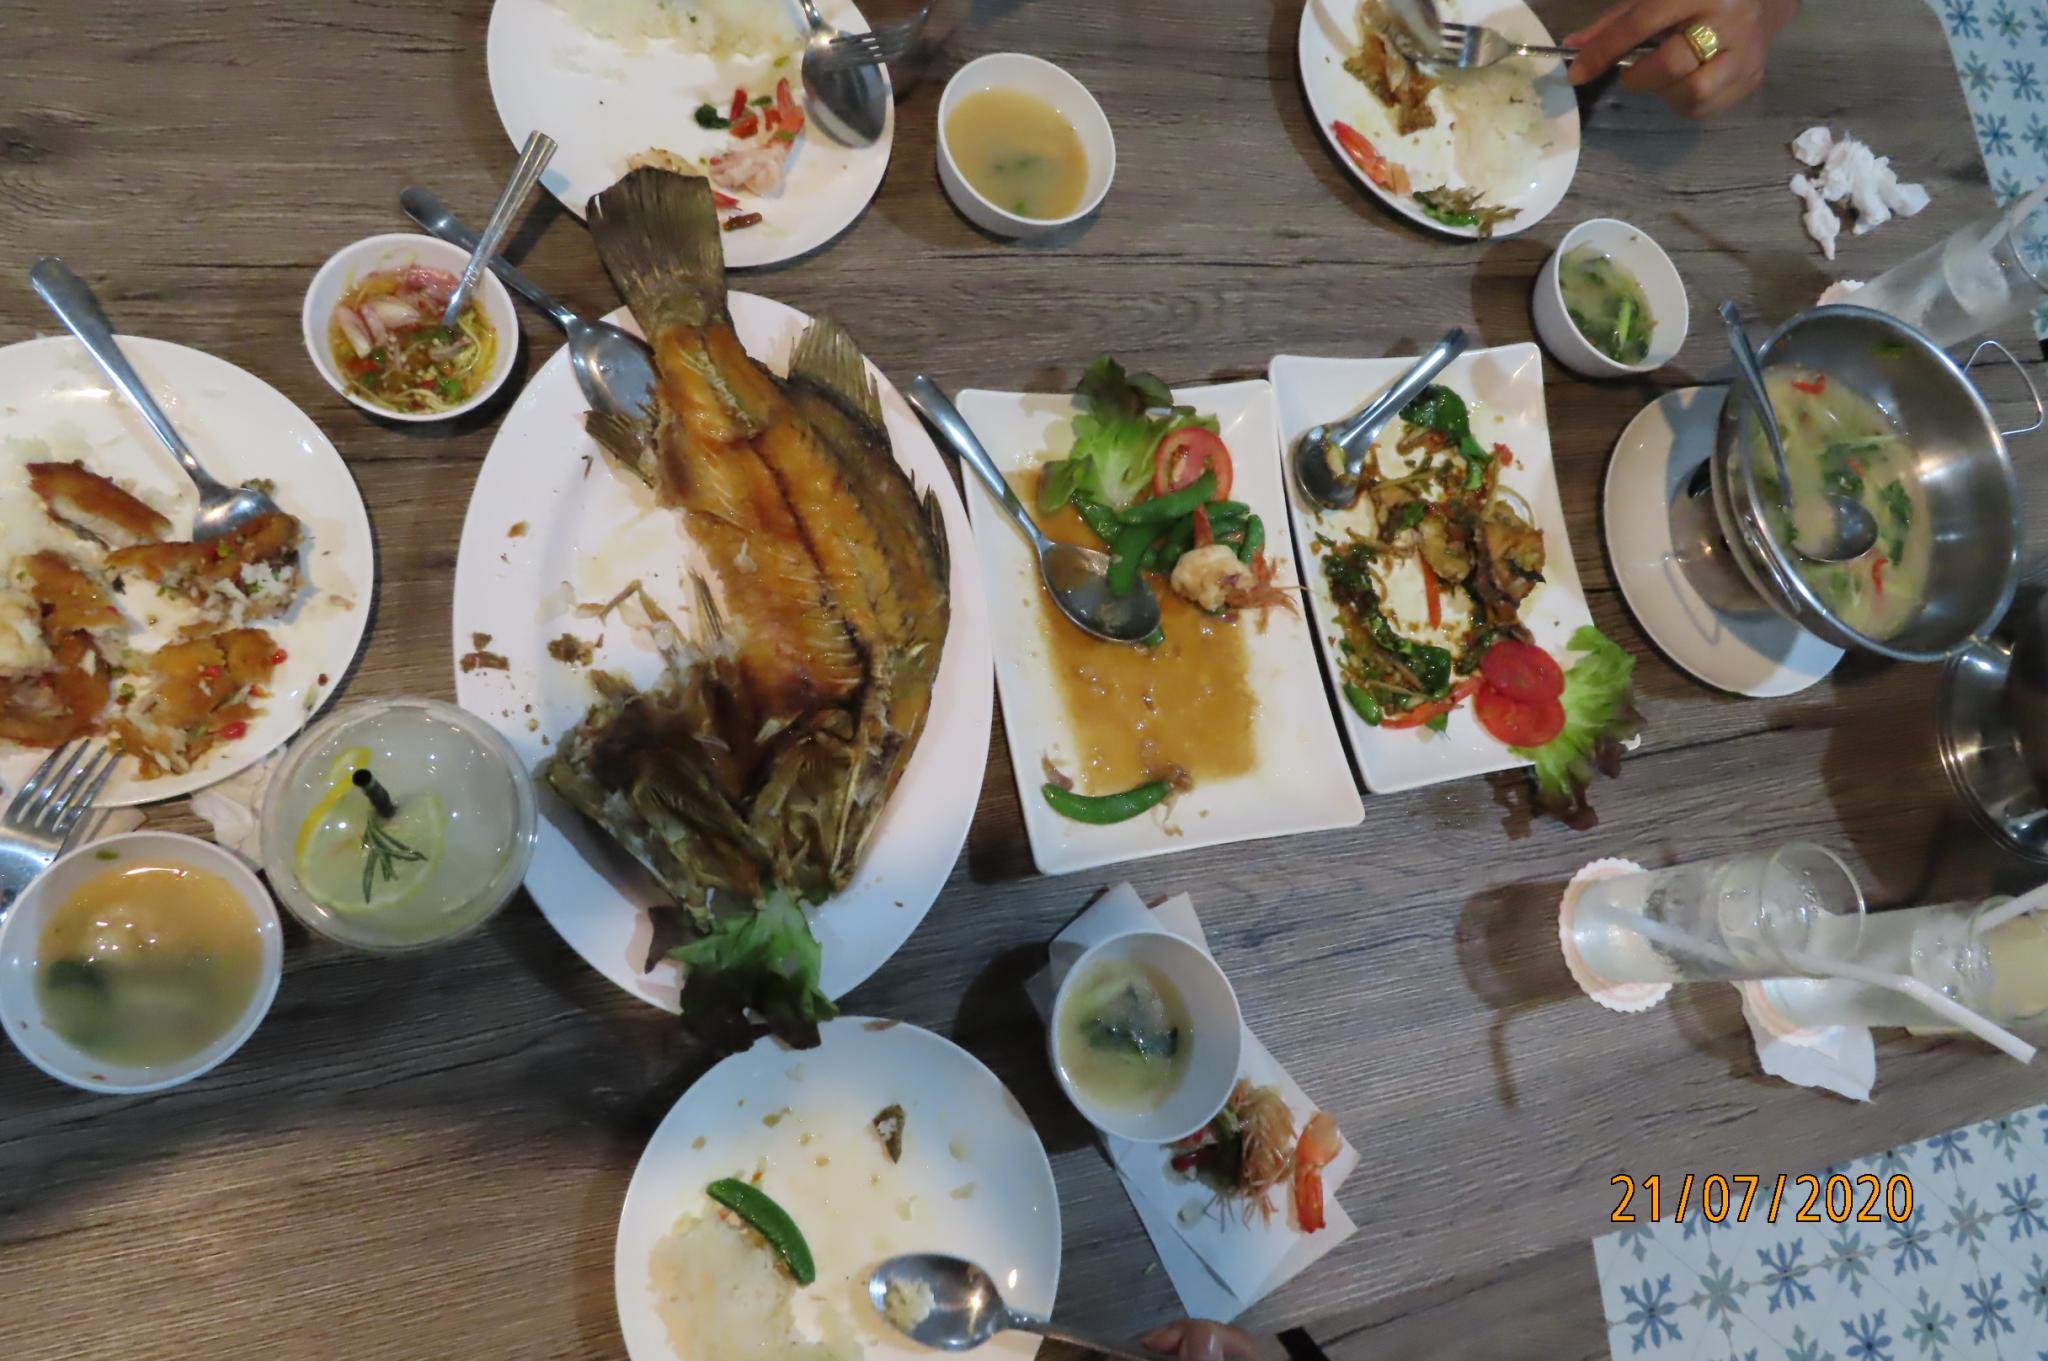 Dinner-img_8539-jpg